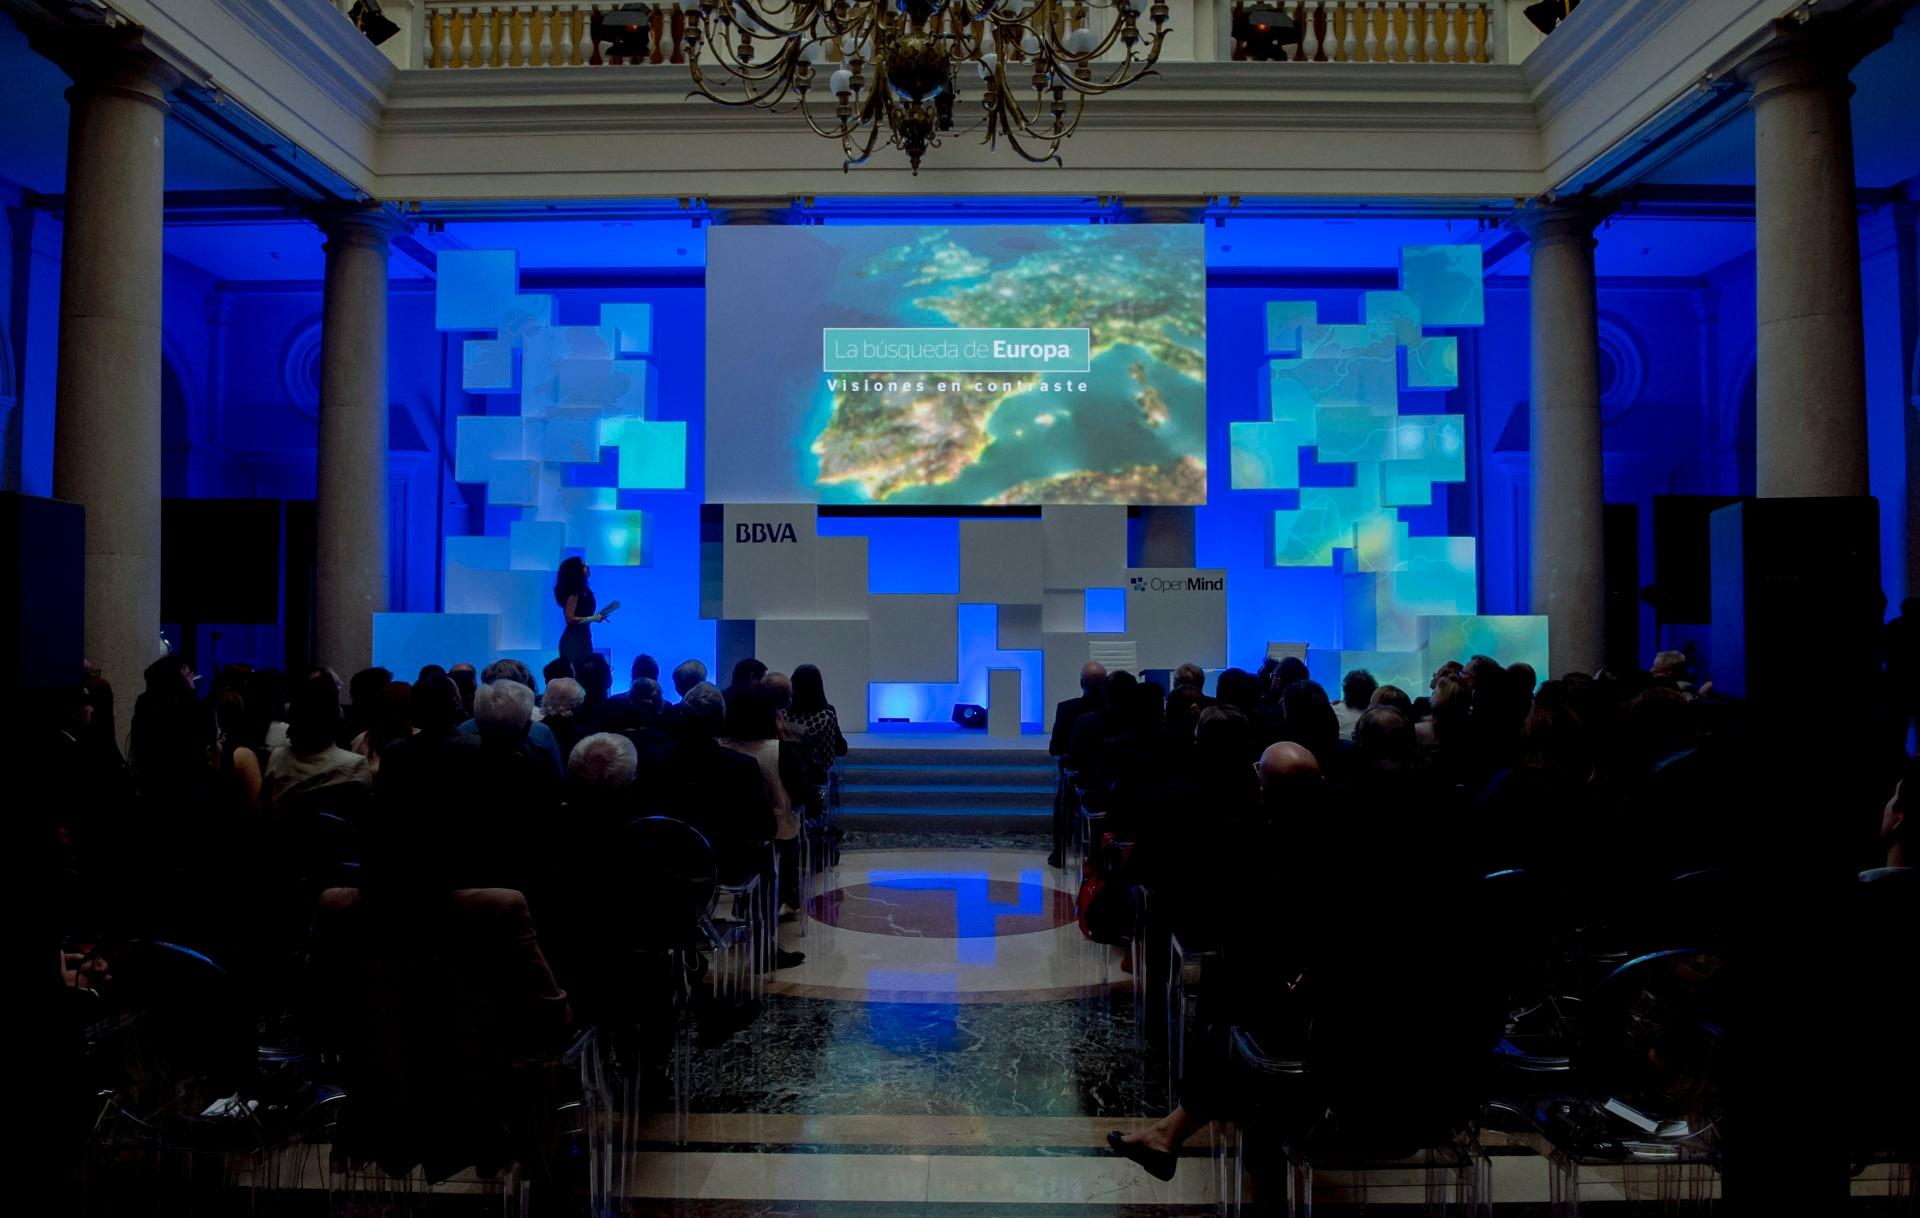 Fotografía de la Presentación del libro La búsqueda de Europa de OpenMind BBVA en el Palacio del Marqués de Salamanca